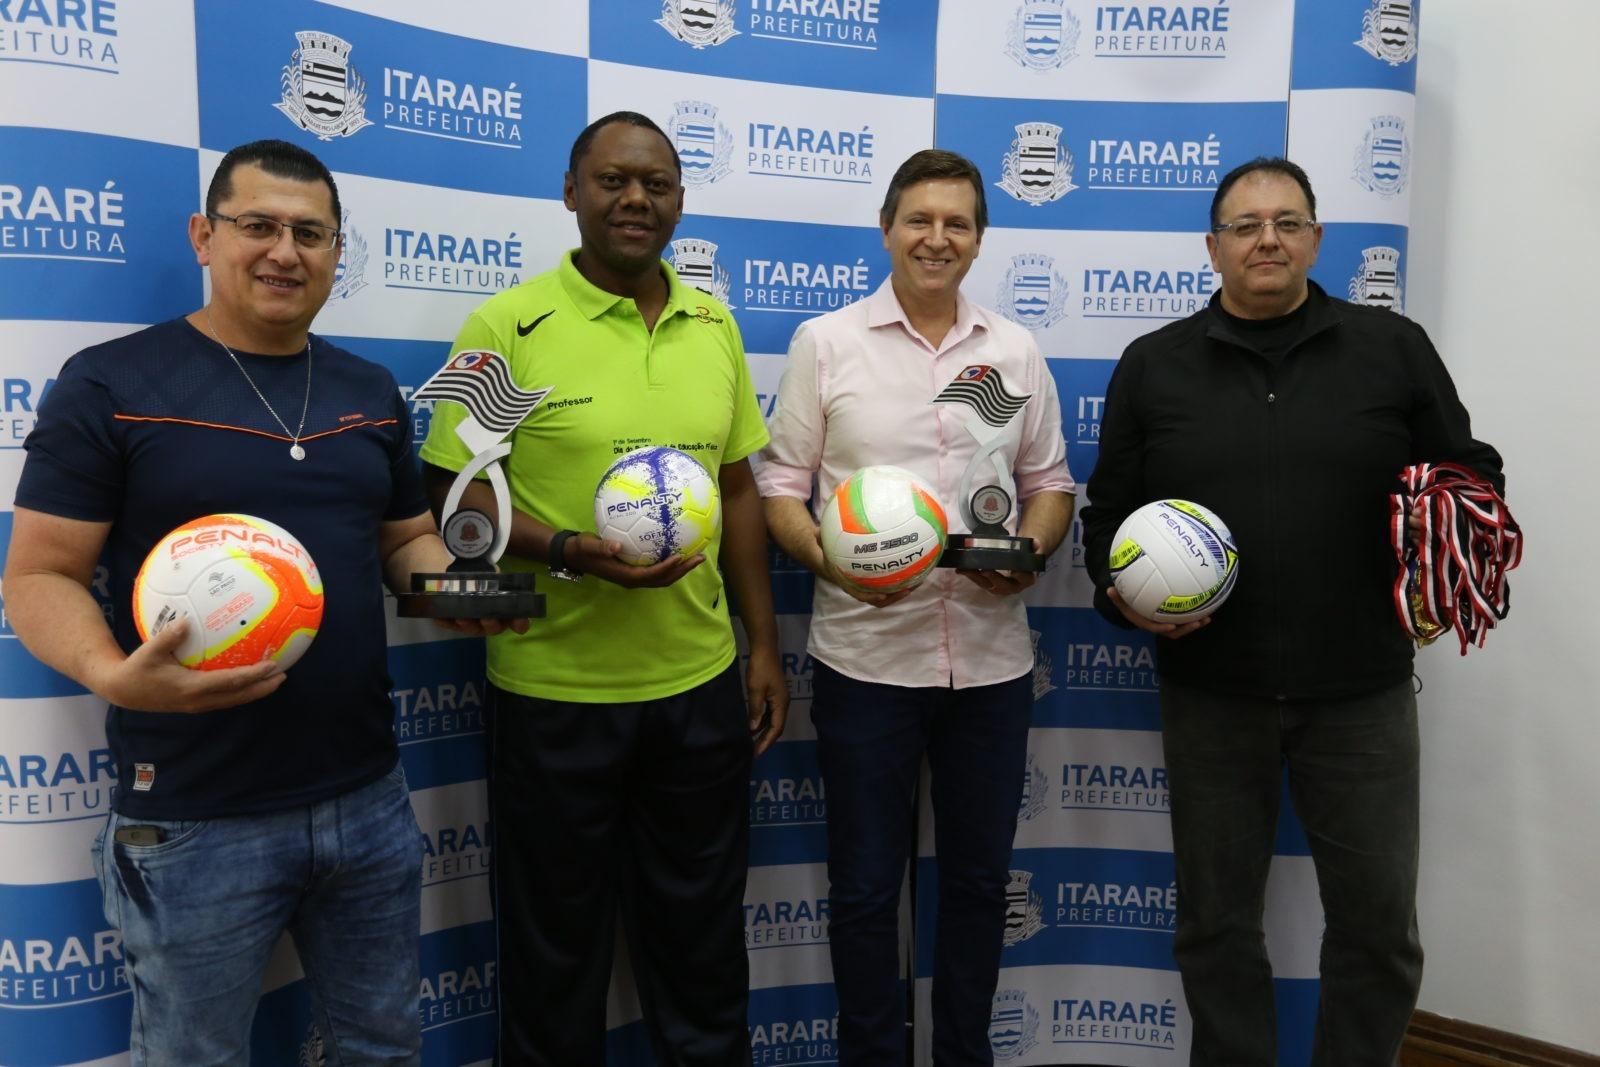 Prefeitura de Itararé (SP) conquista kit esportivo do Governo do Estado